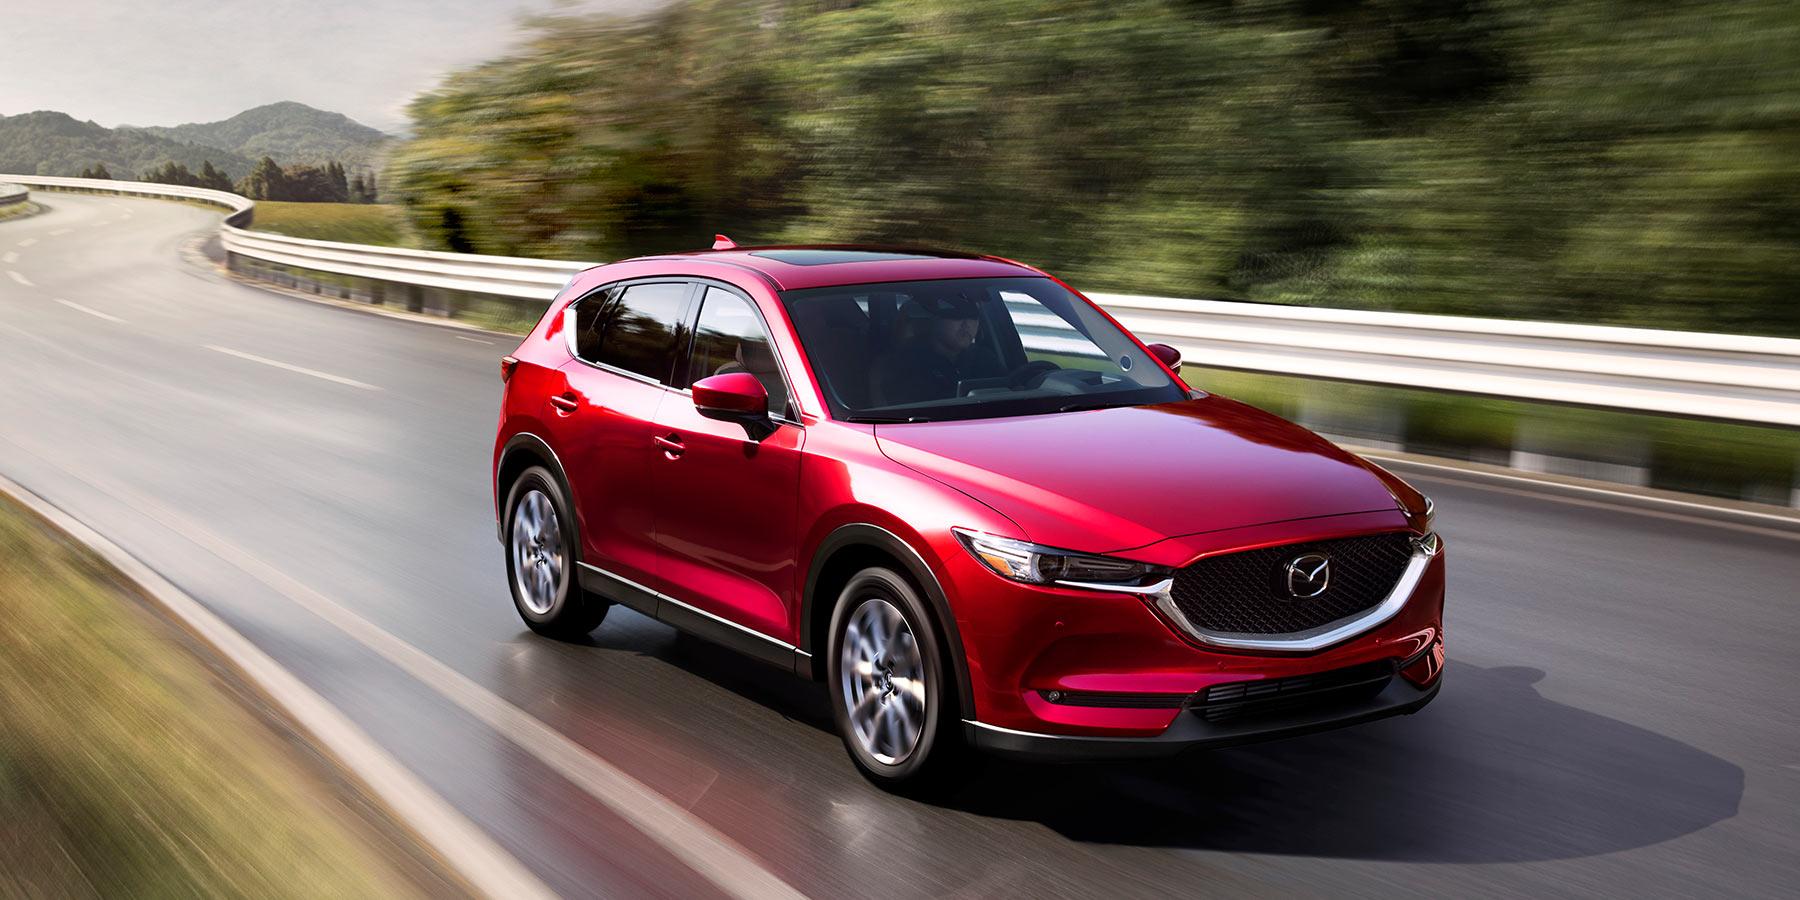 2019 Read Mazda CX-5